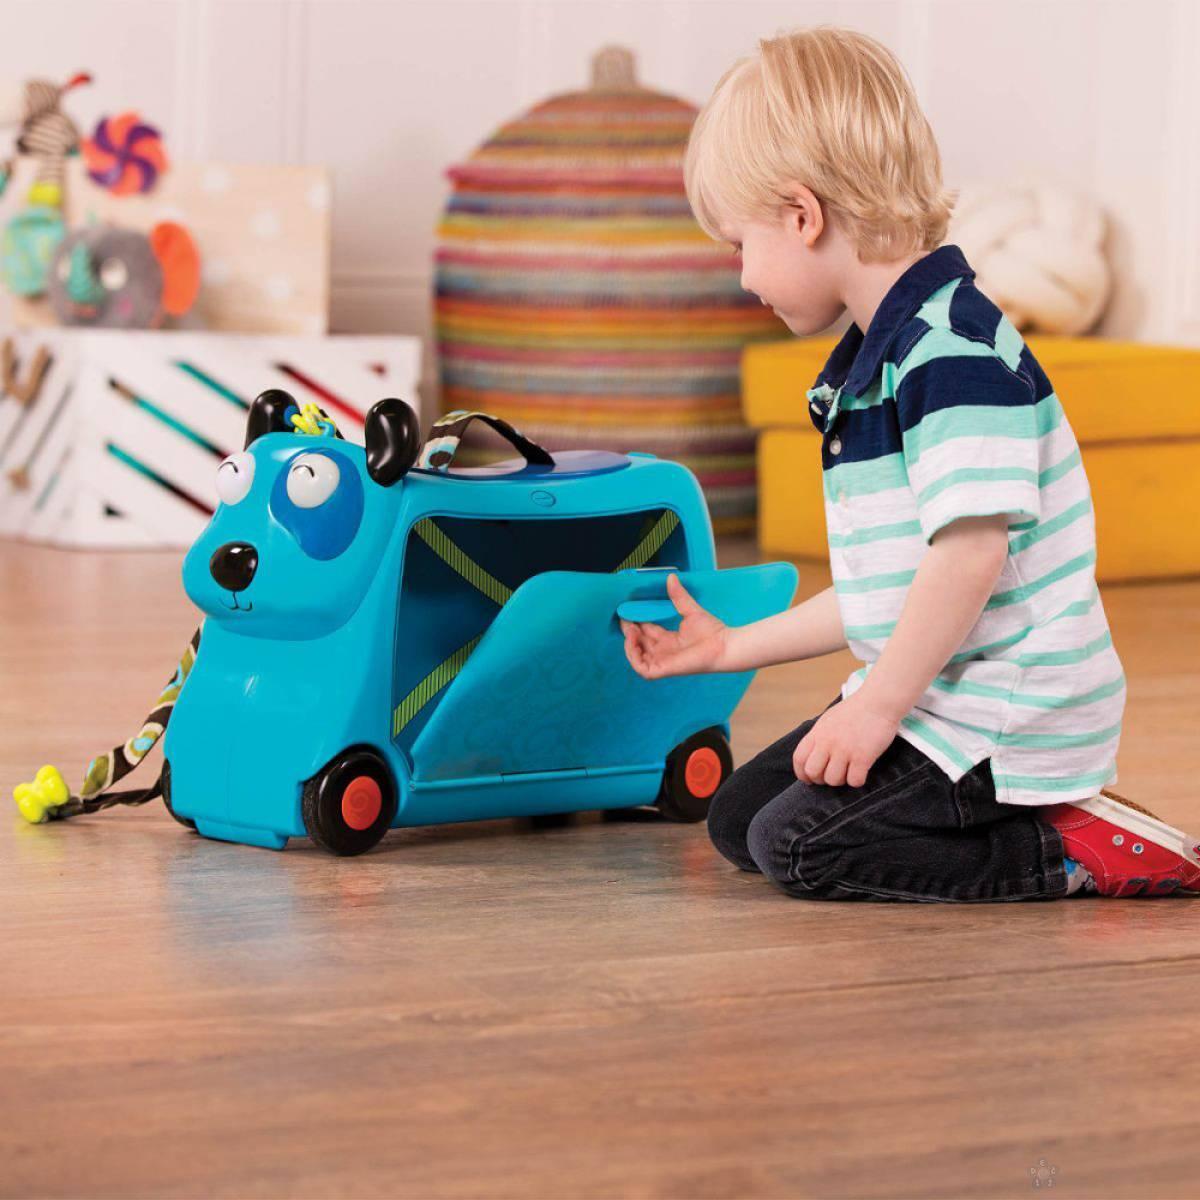 B toys dečiji kofer i guralica Kuca 312051